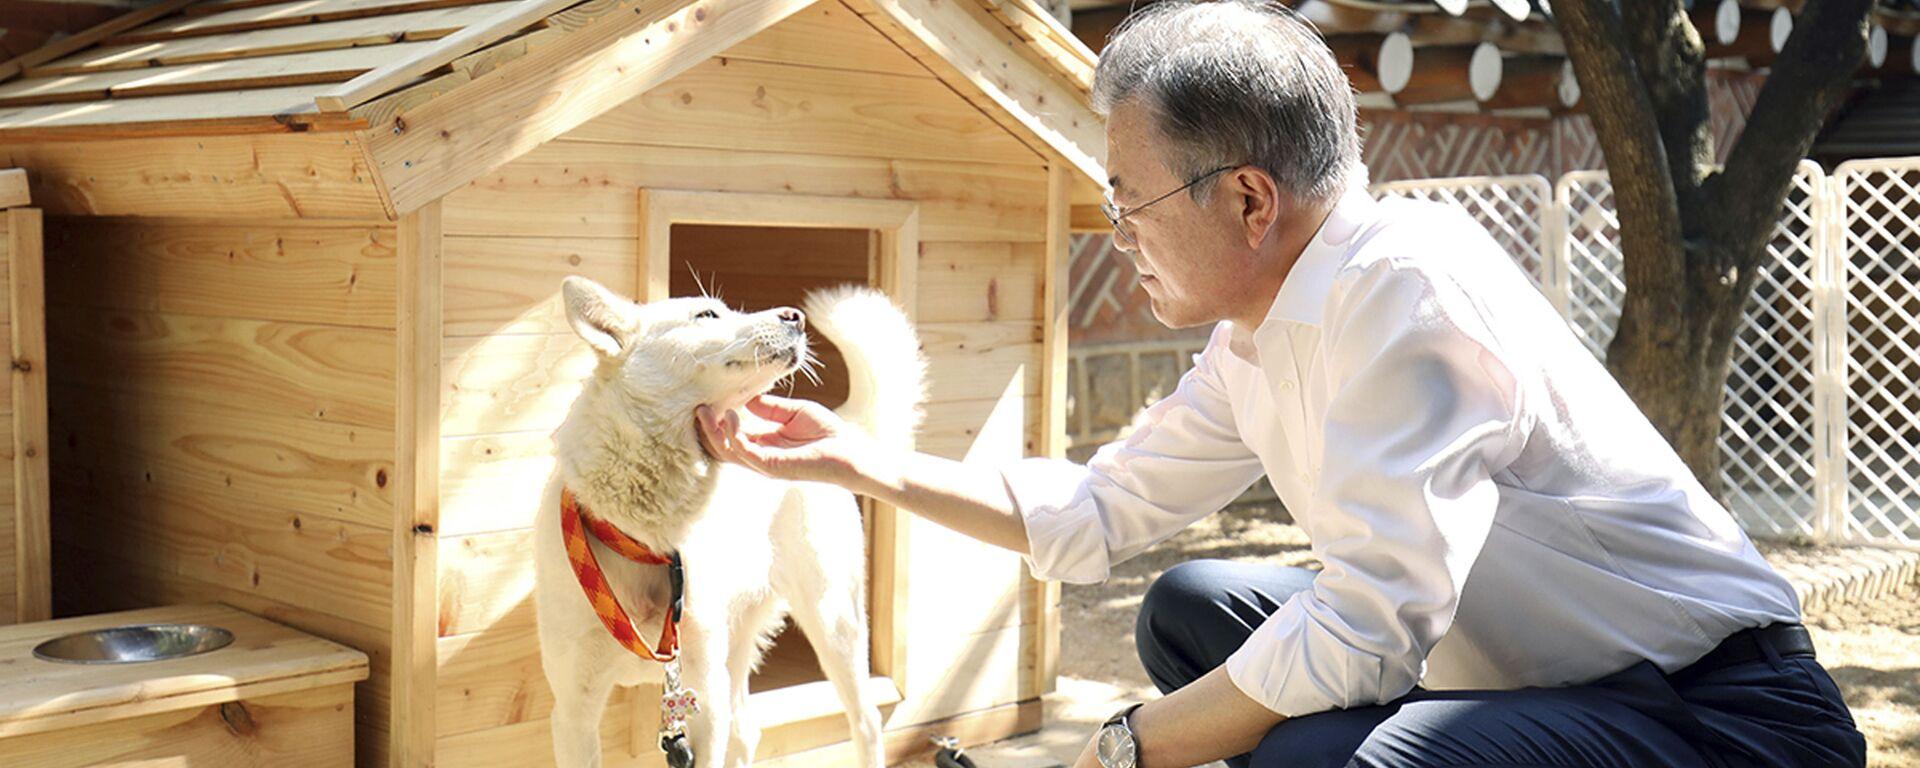 Tổng thống Hàn Quốc Moon Jae-in vuốt ve chú chó tên là Gomi - Sputnik Việt Nam, 1920, 29.09.2021